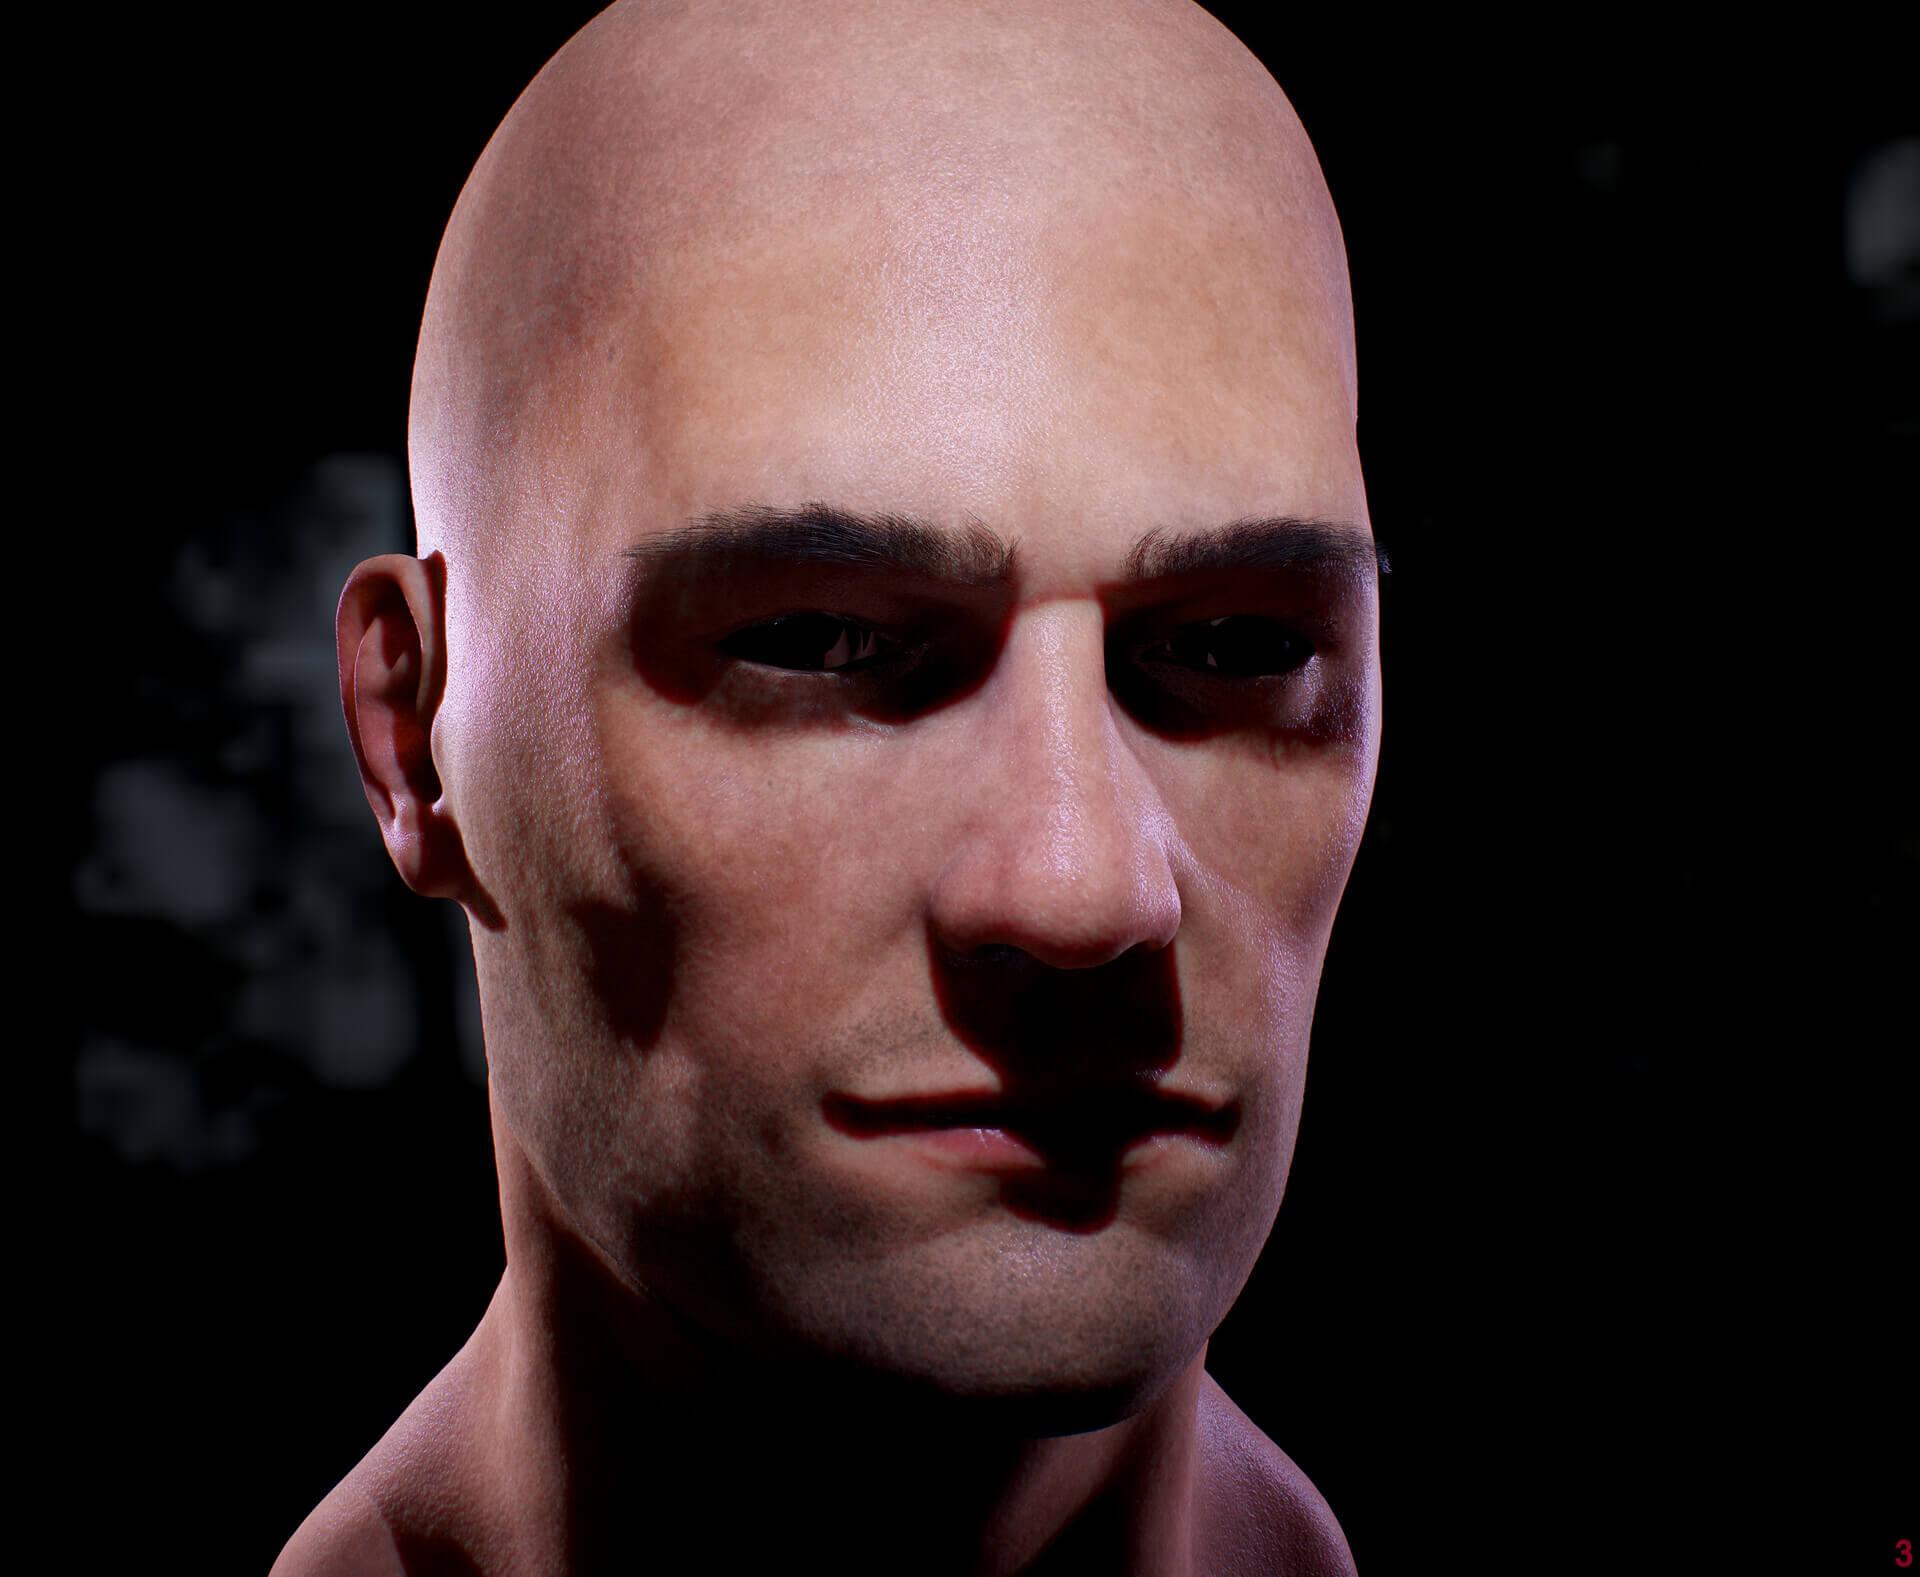 la modélisation 3D de personnage, une spécialité à part